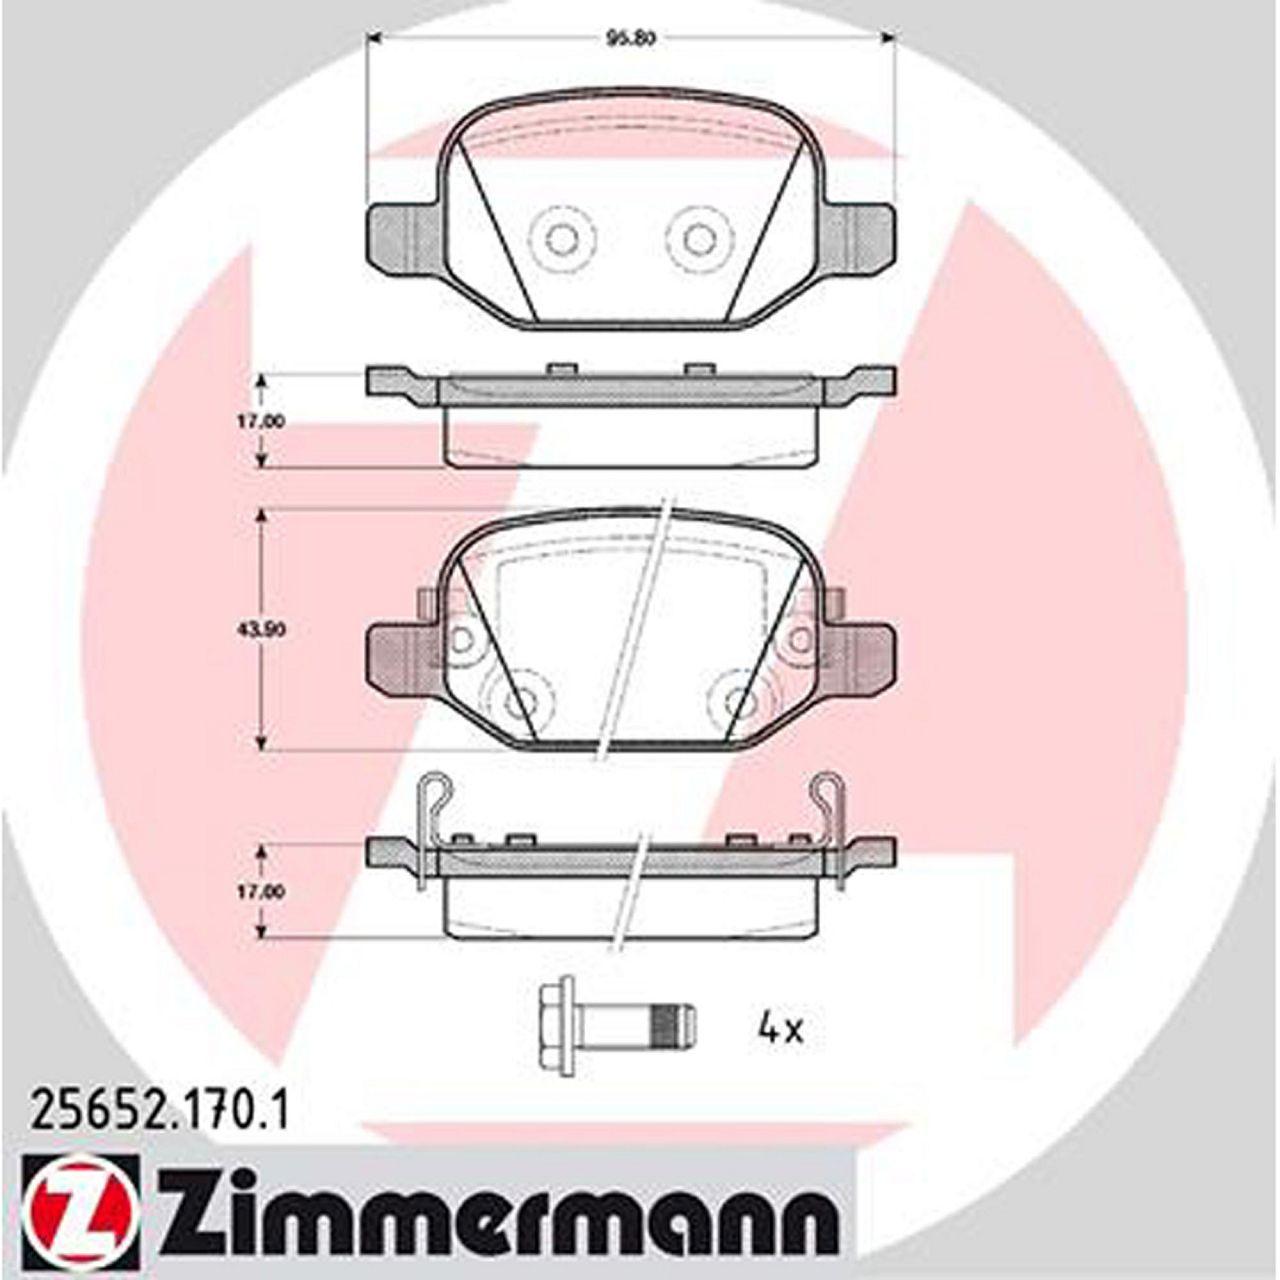 ZIMMERMANN Bremsen Bremsscheiben + Bremsbeläge für FIAT 500L (351_, 352_) hinten